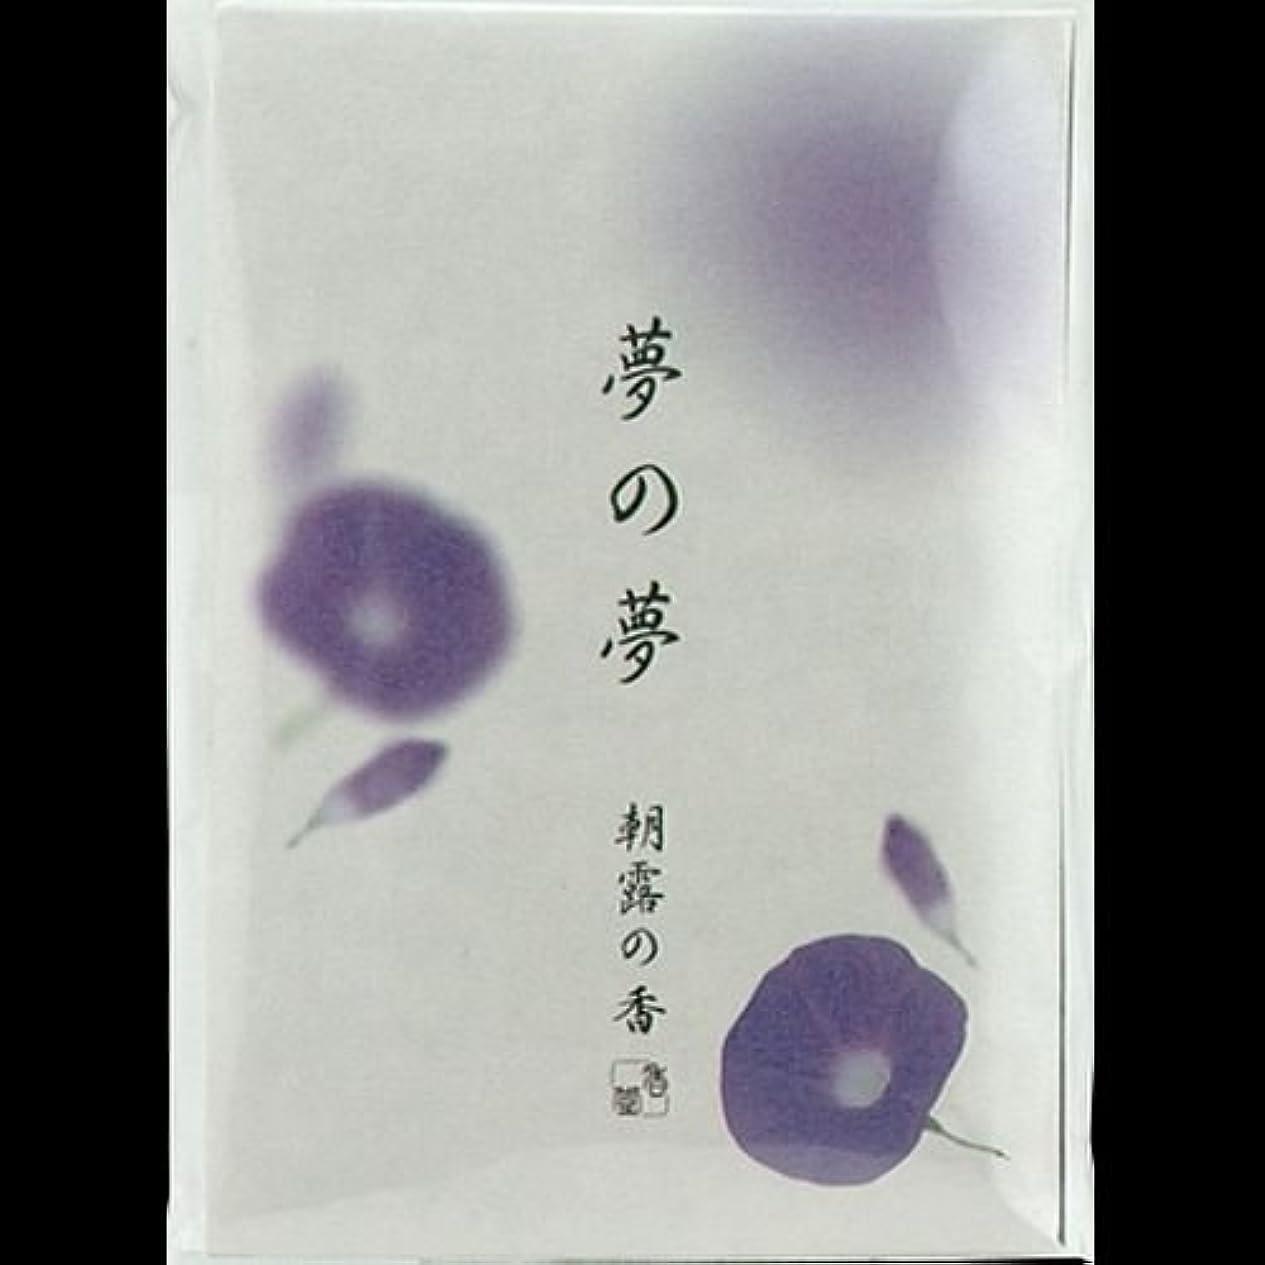 バトルデッド曇った【まとめ買い】夢の夢 朝露(あさつゆ) スティック12本入 ×2セット